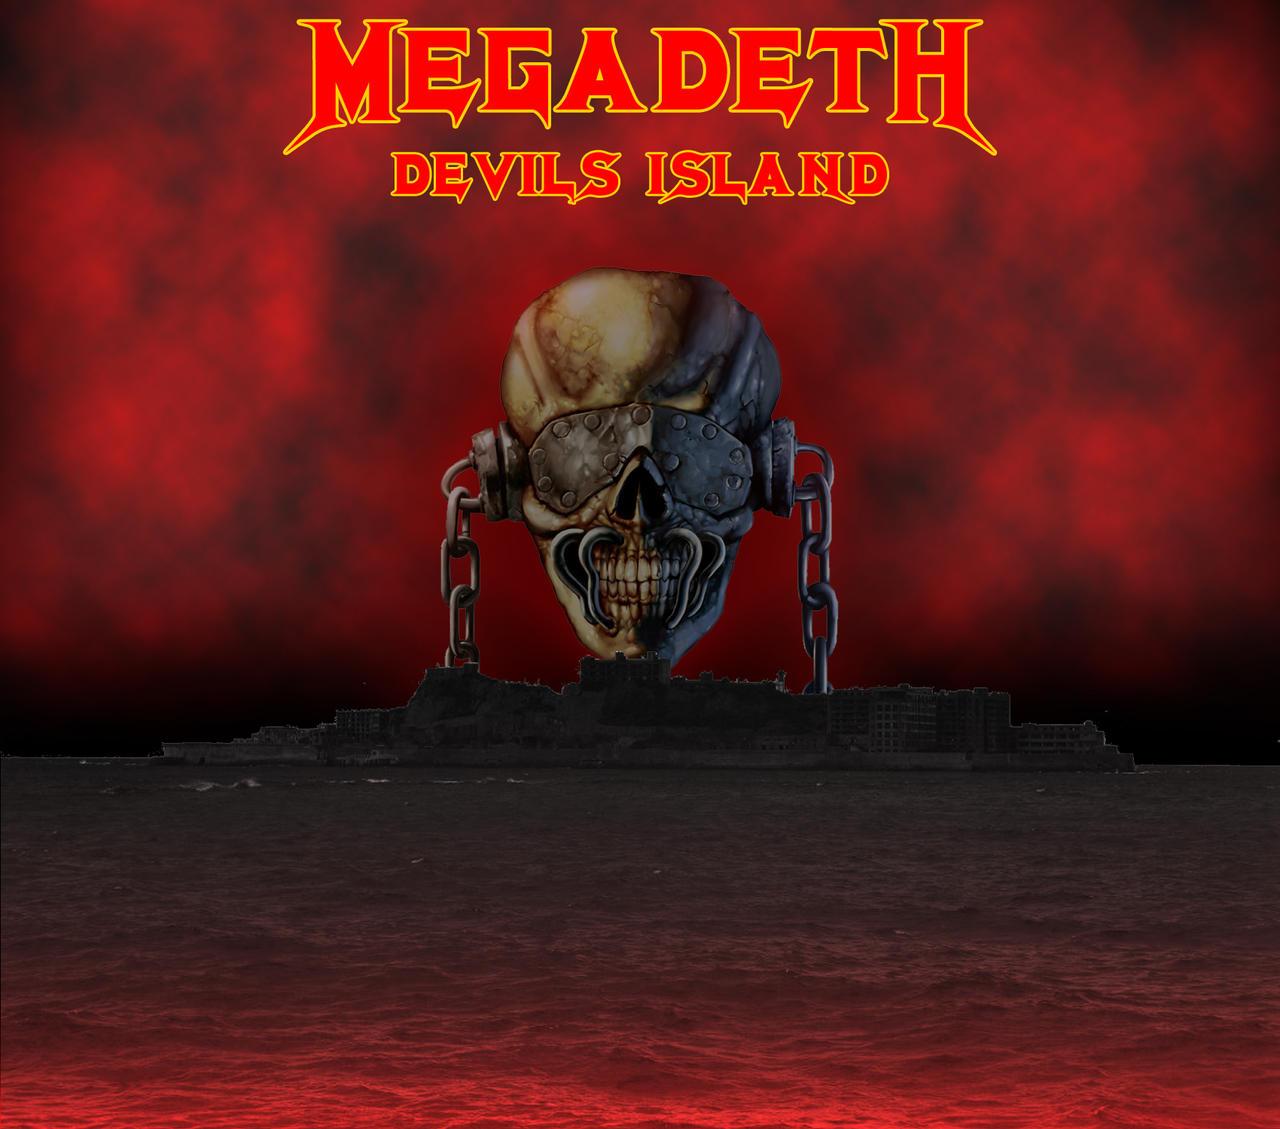 Megadeth Album Covers Album Cover Megadeth